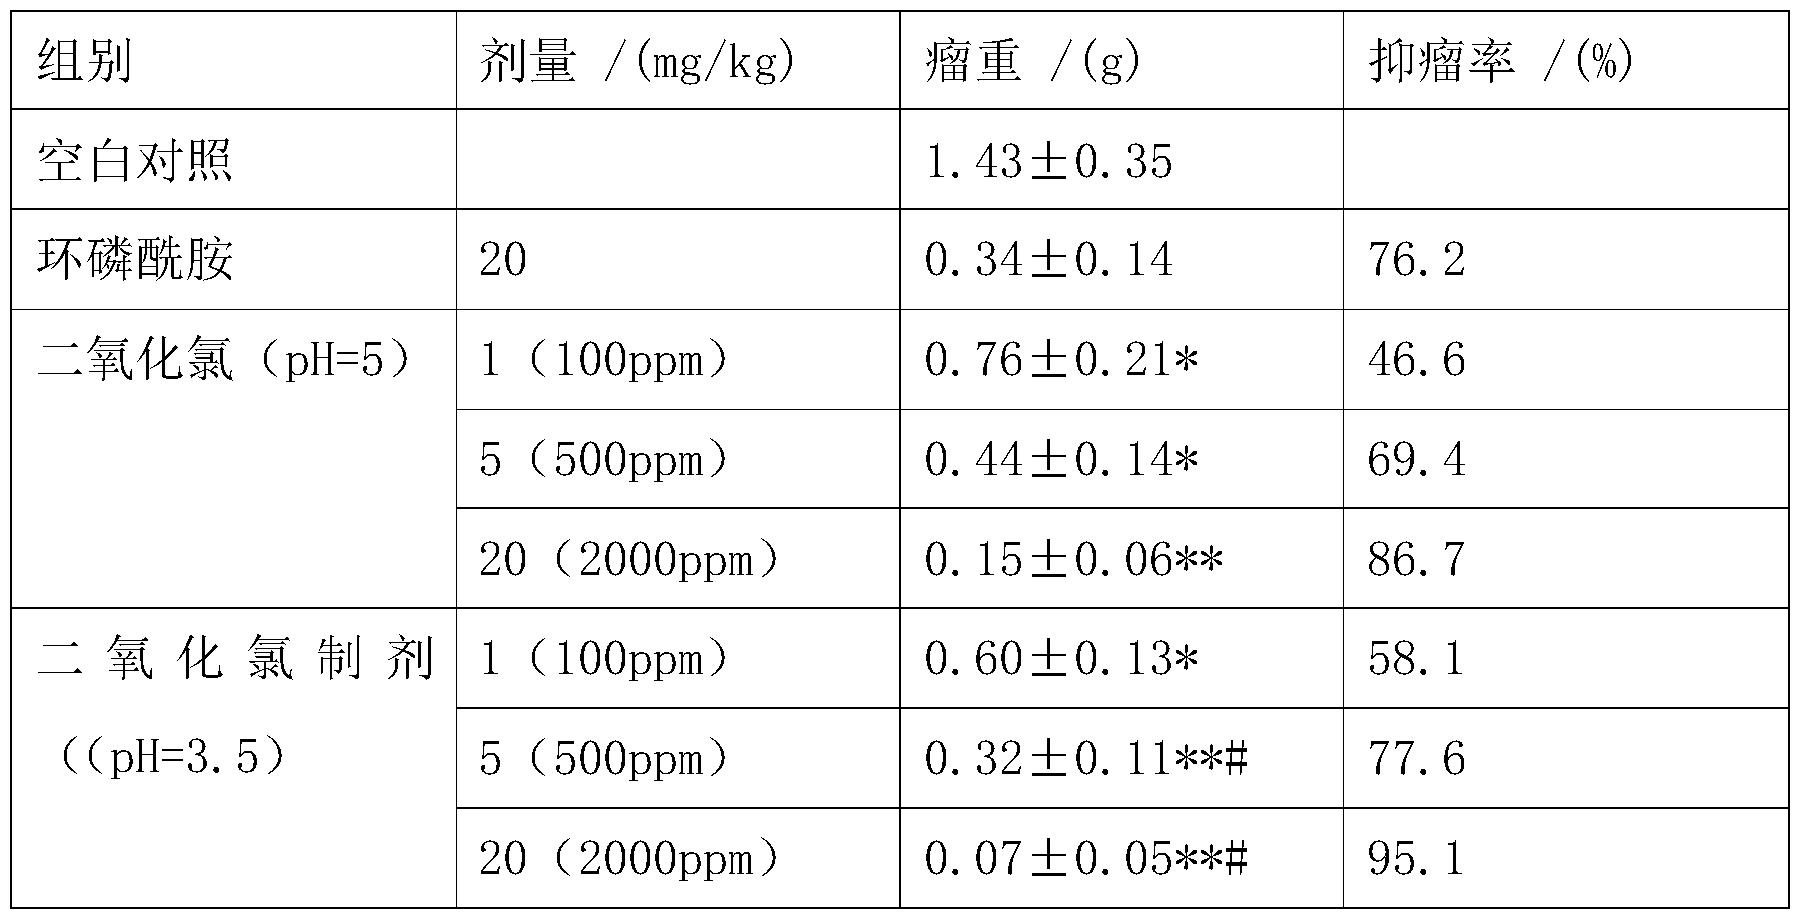 Figure PCTCN2014091047-appb-000013